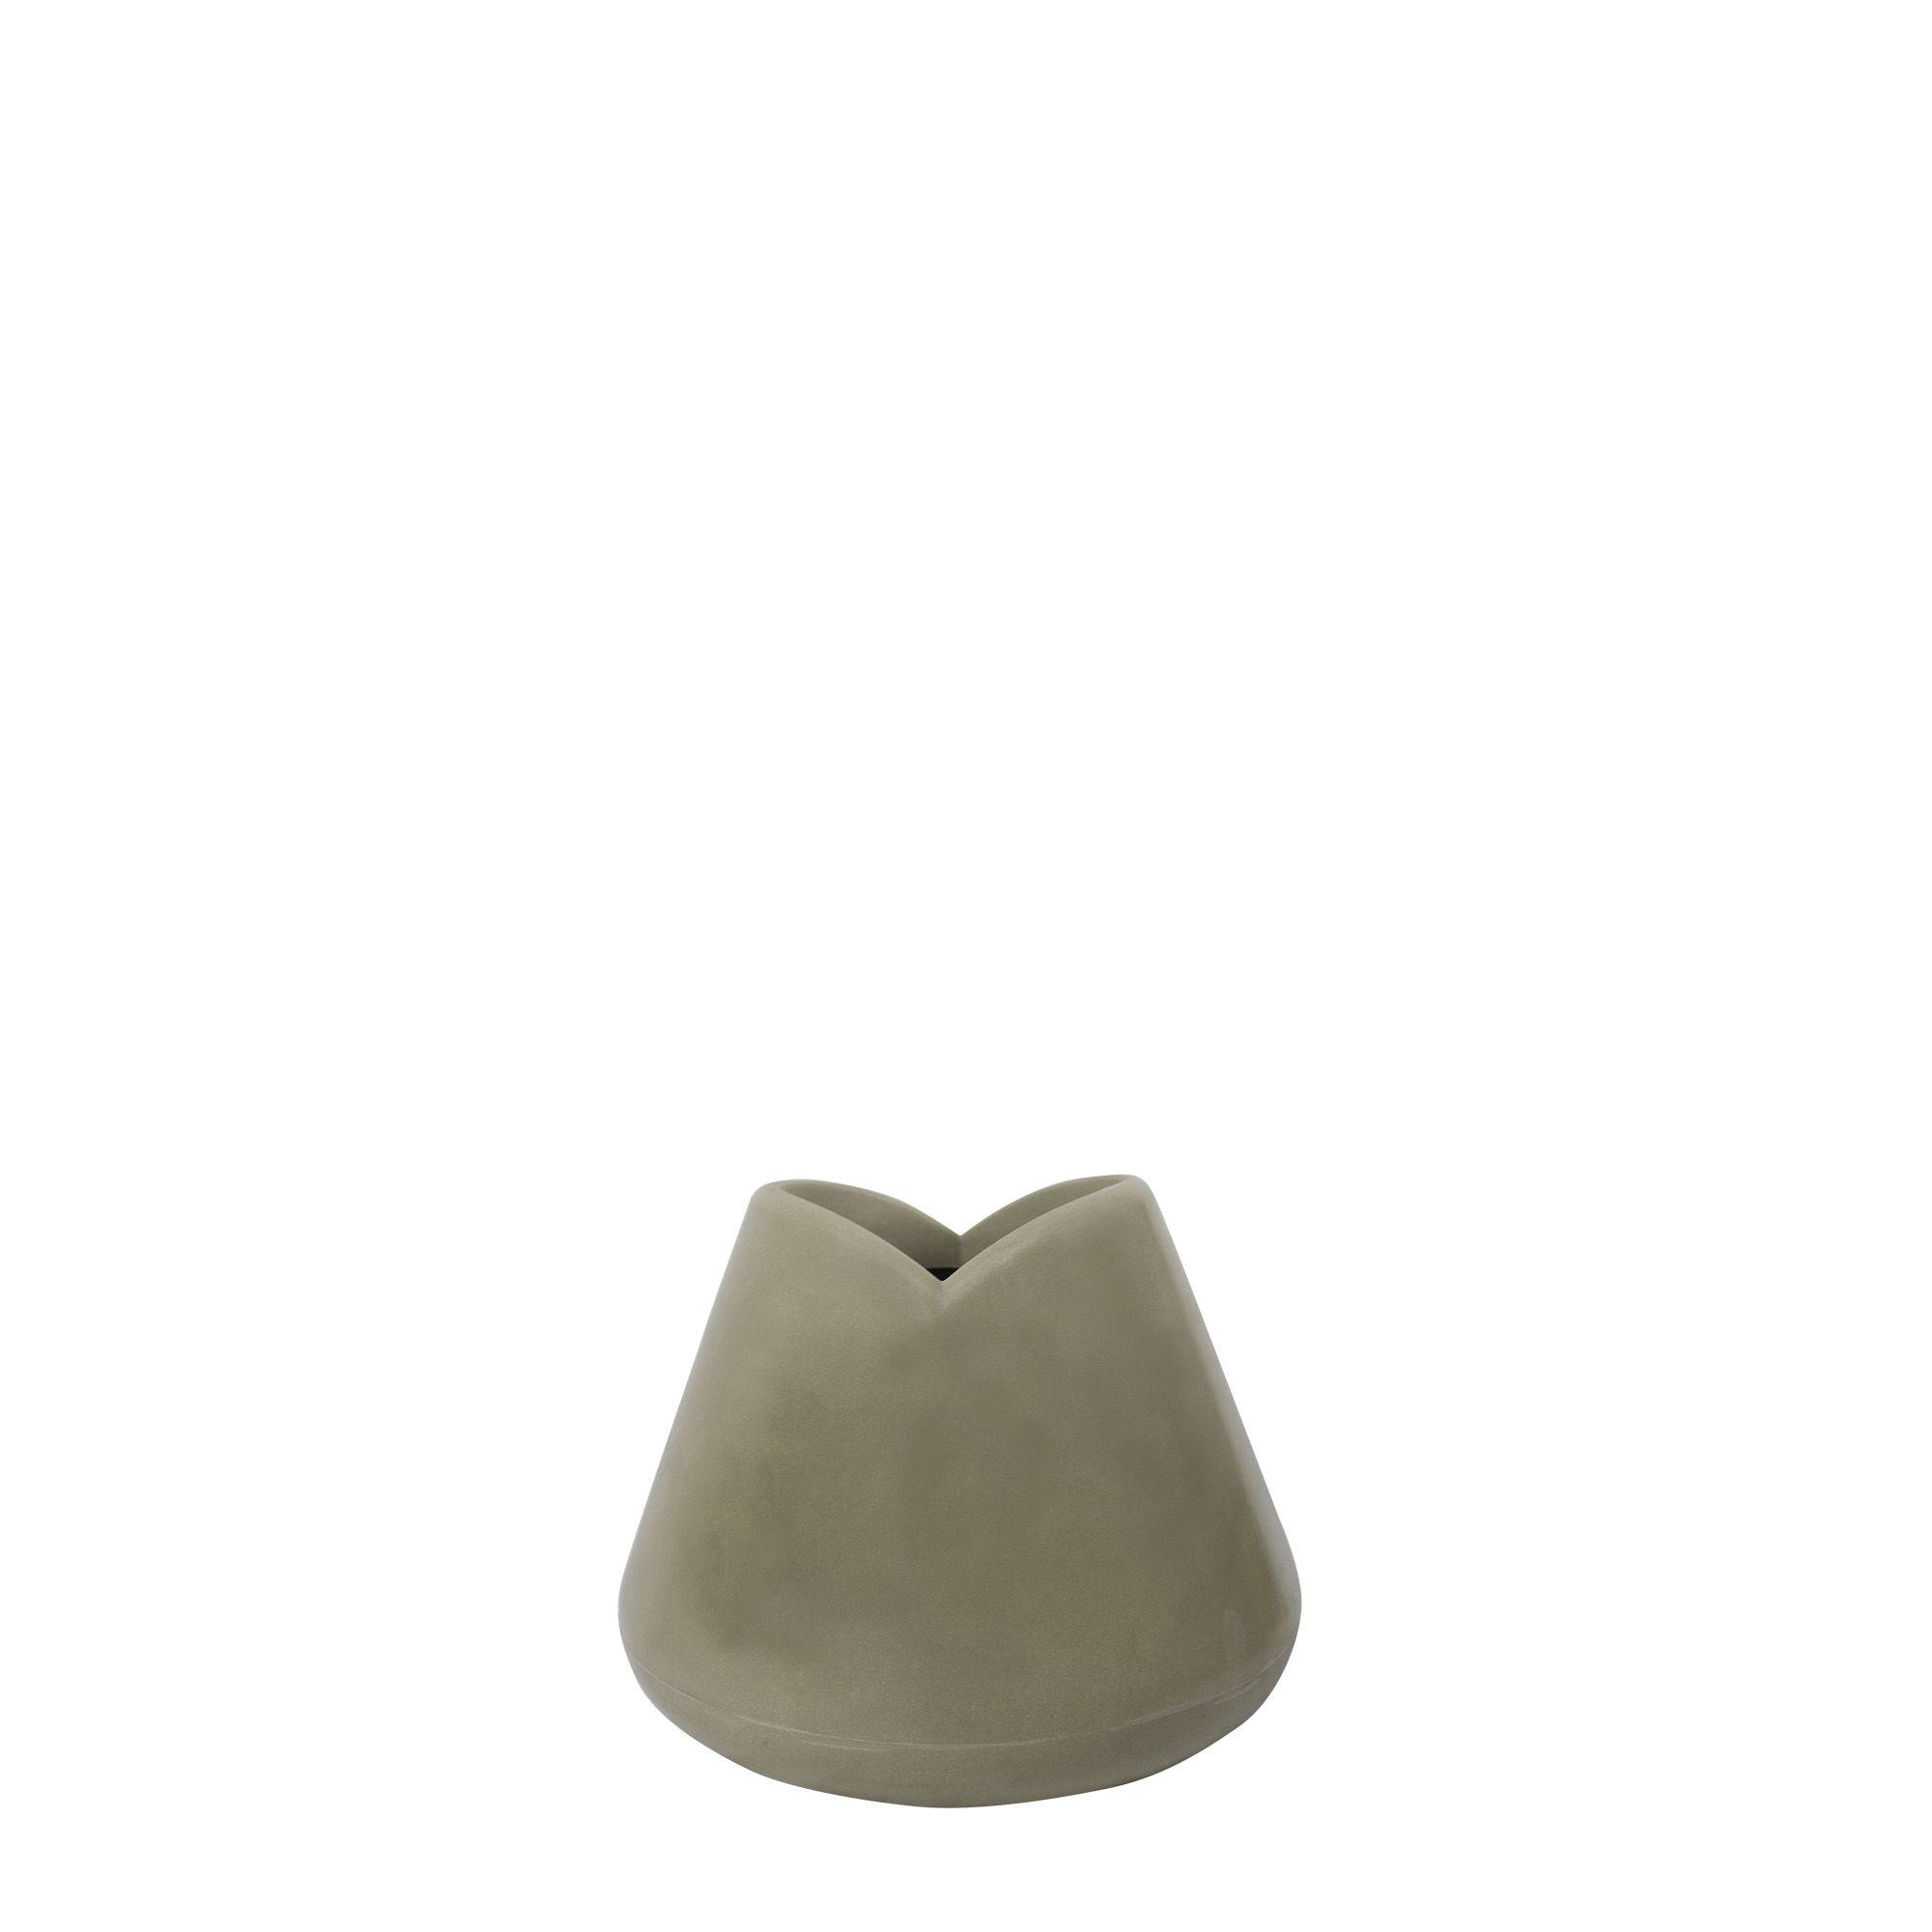 Vaso Tulipa 14 / 25 x 20 cm - VASART